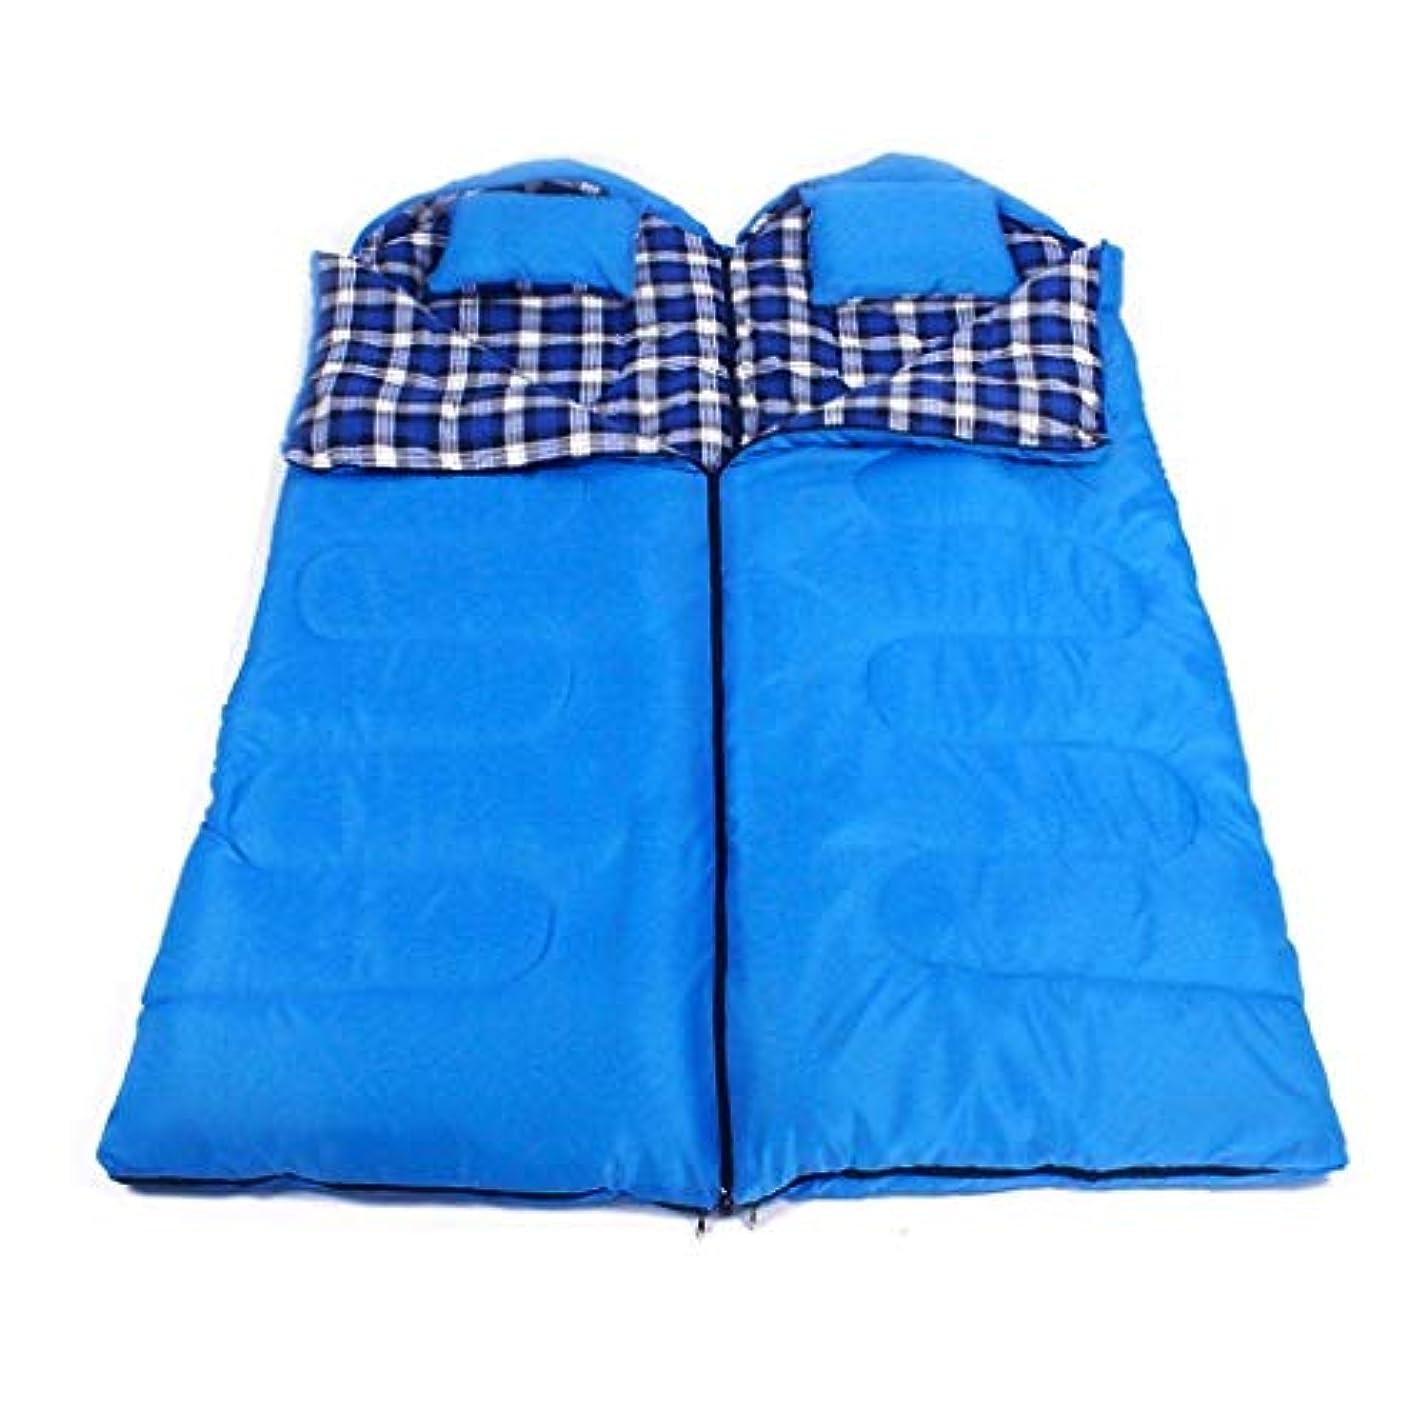 千戦争ホイッスルカップルダブルクイーン寝袋封筒キャンプ軽量コンパクト暖かい快適な室内用スリーピングマット大人用ハイキングバックパック登山野外活動(色:青、デザイン